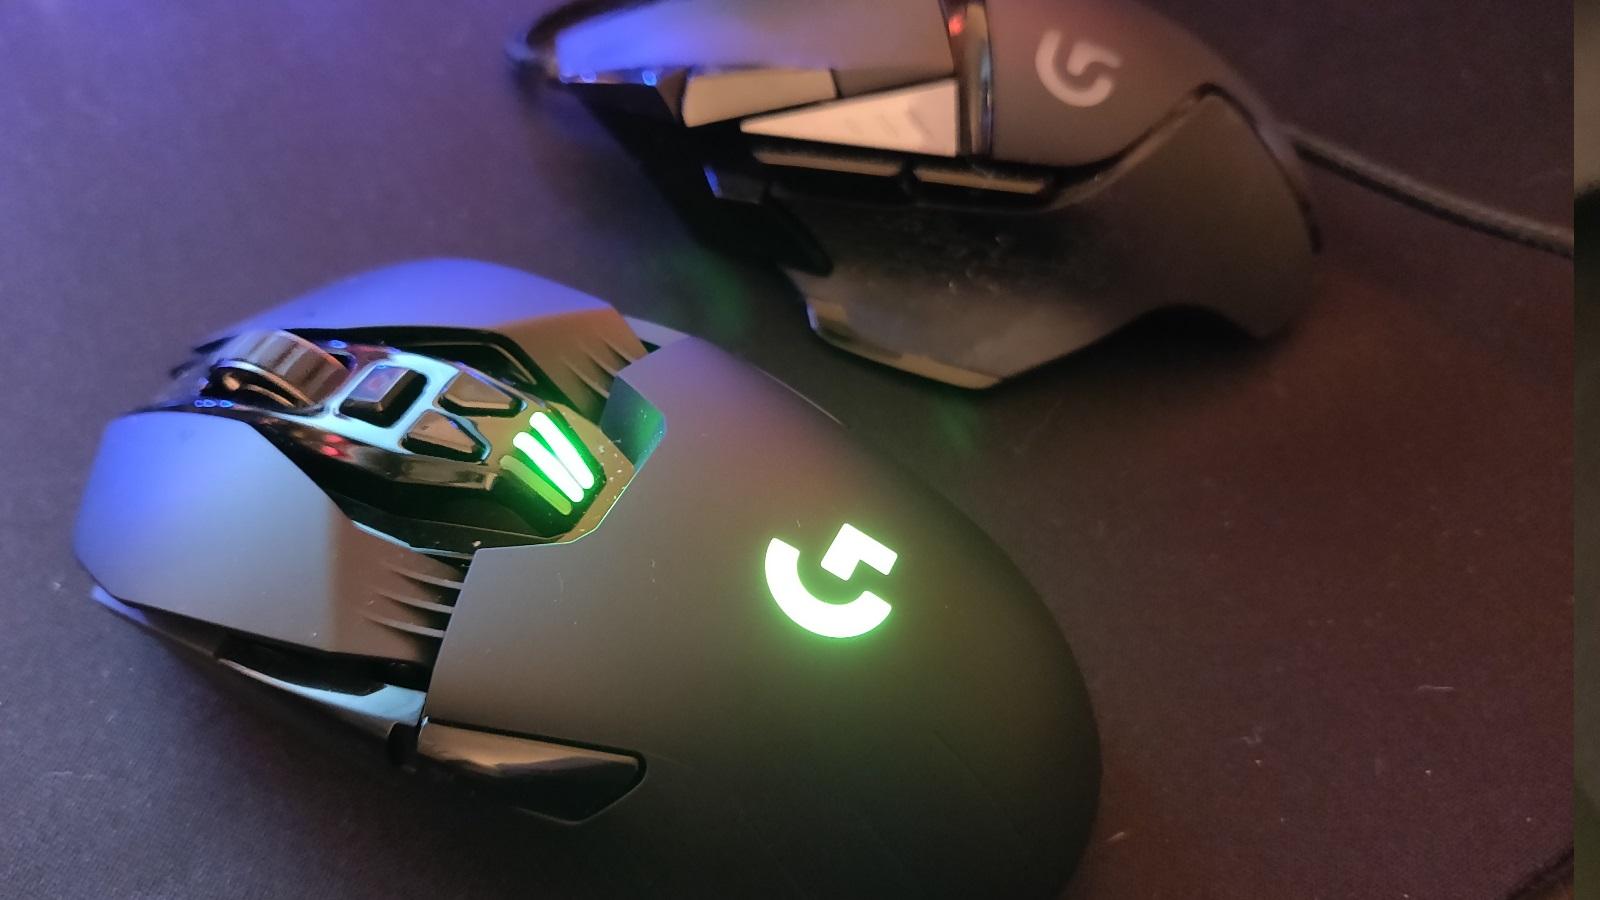 Logitech reigns as king – Logitech G903 Wireless Gaming